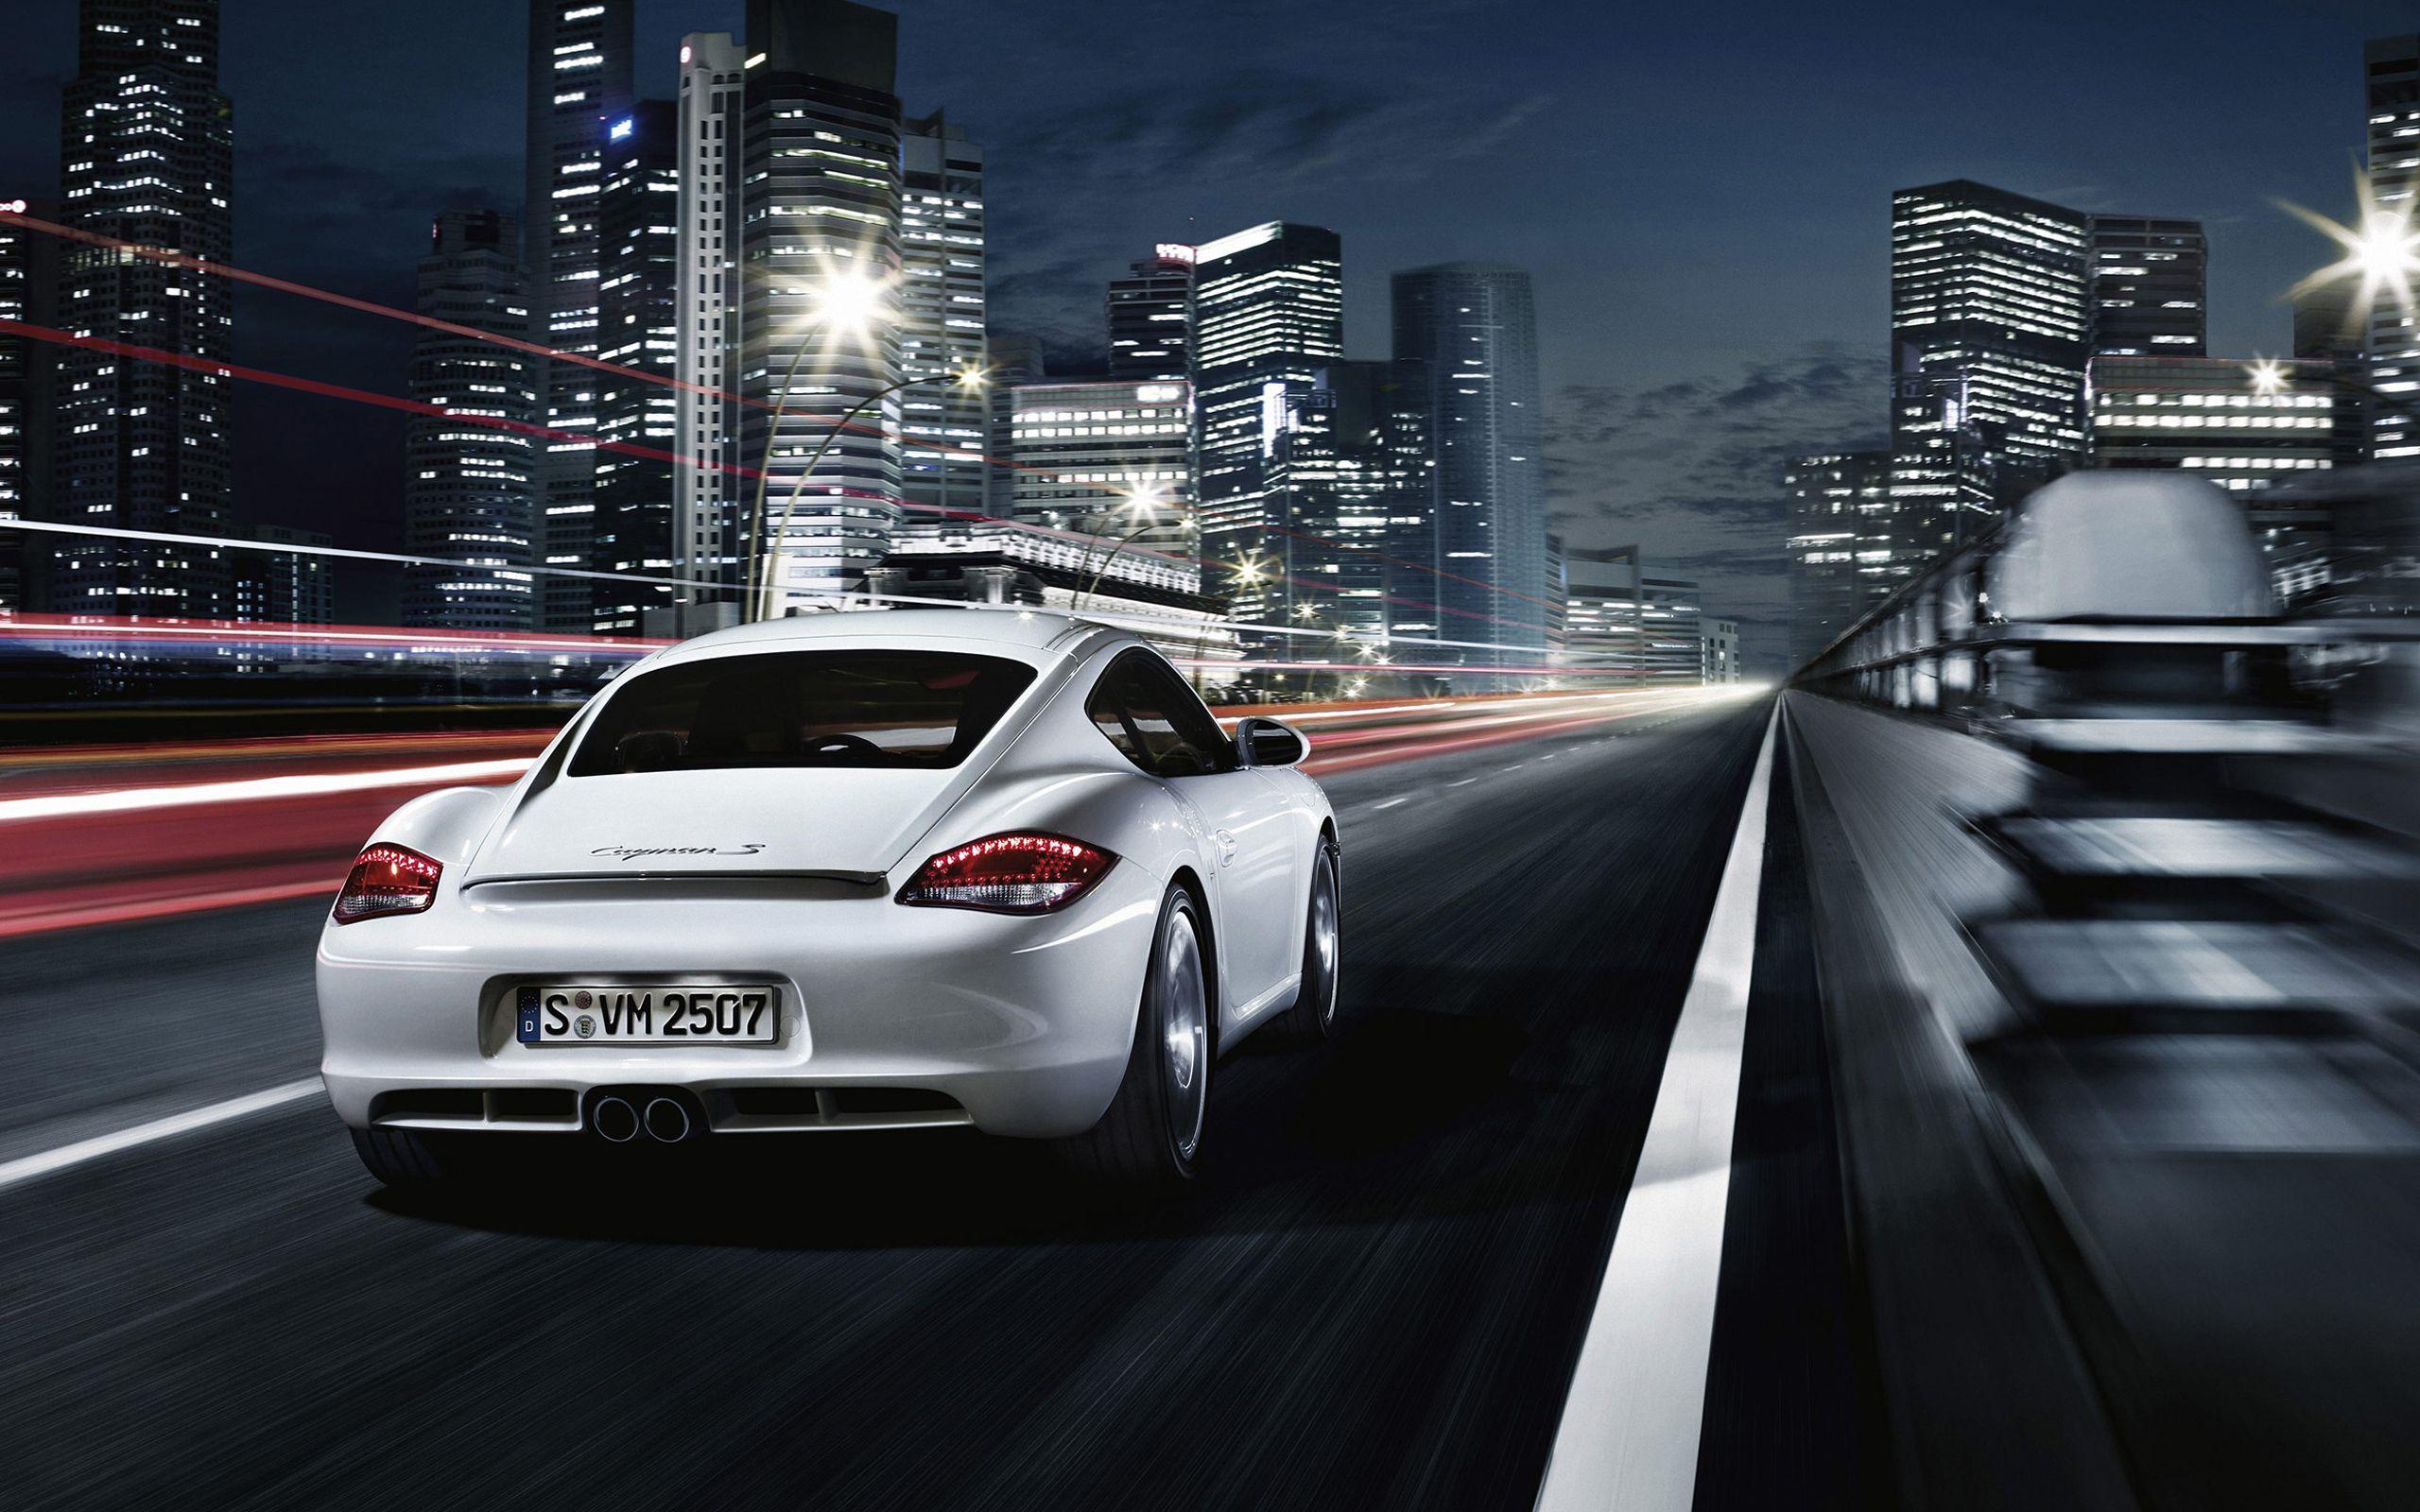 Porsche Cayman S 7 Wide Jpg 2560 1600